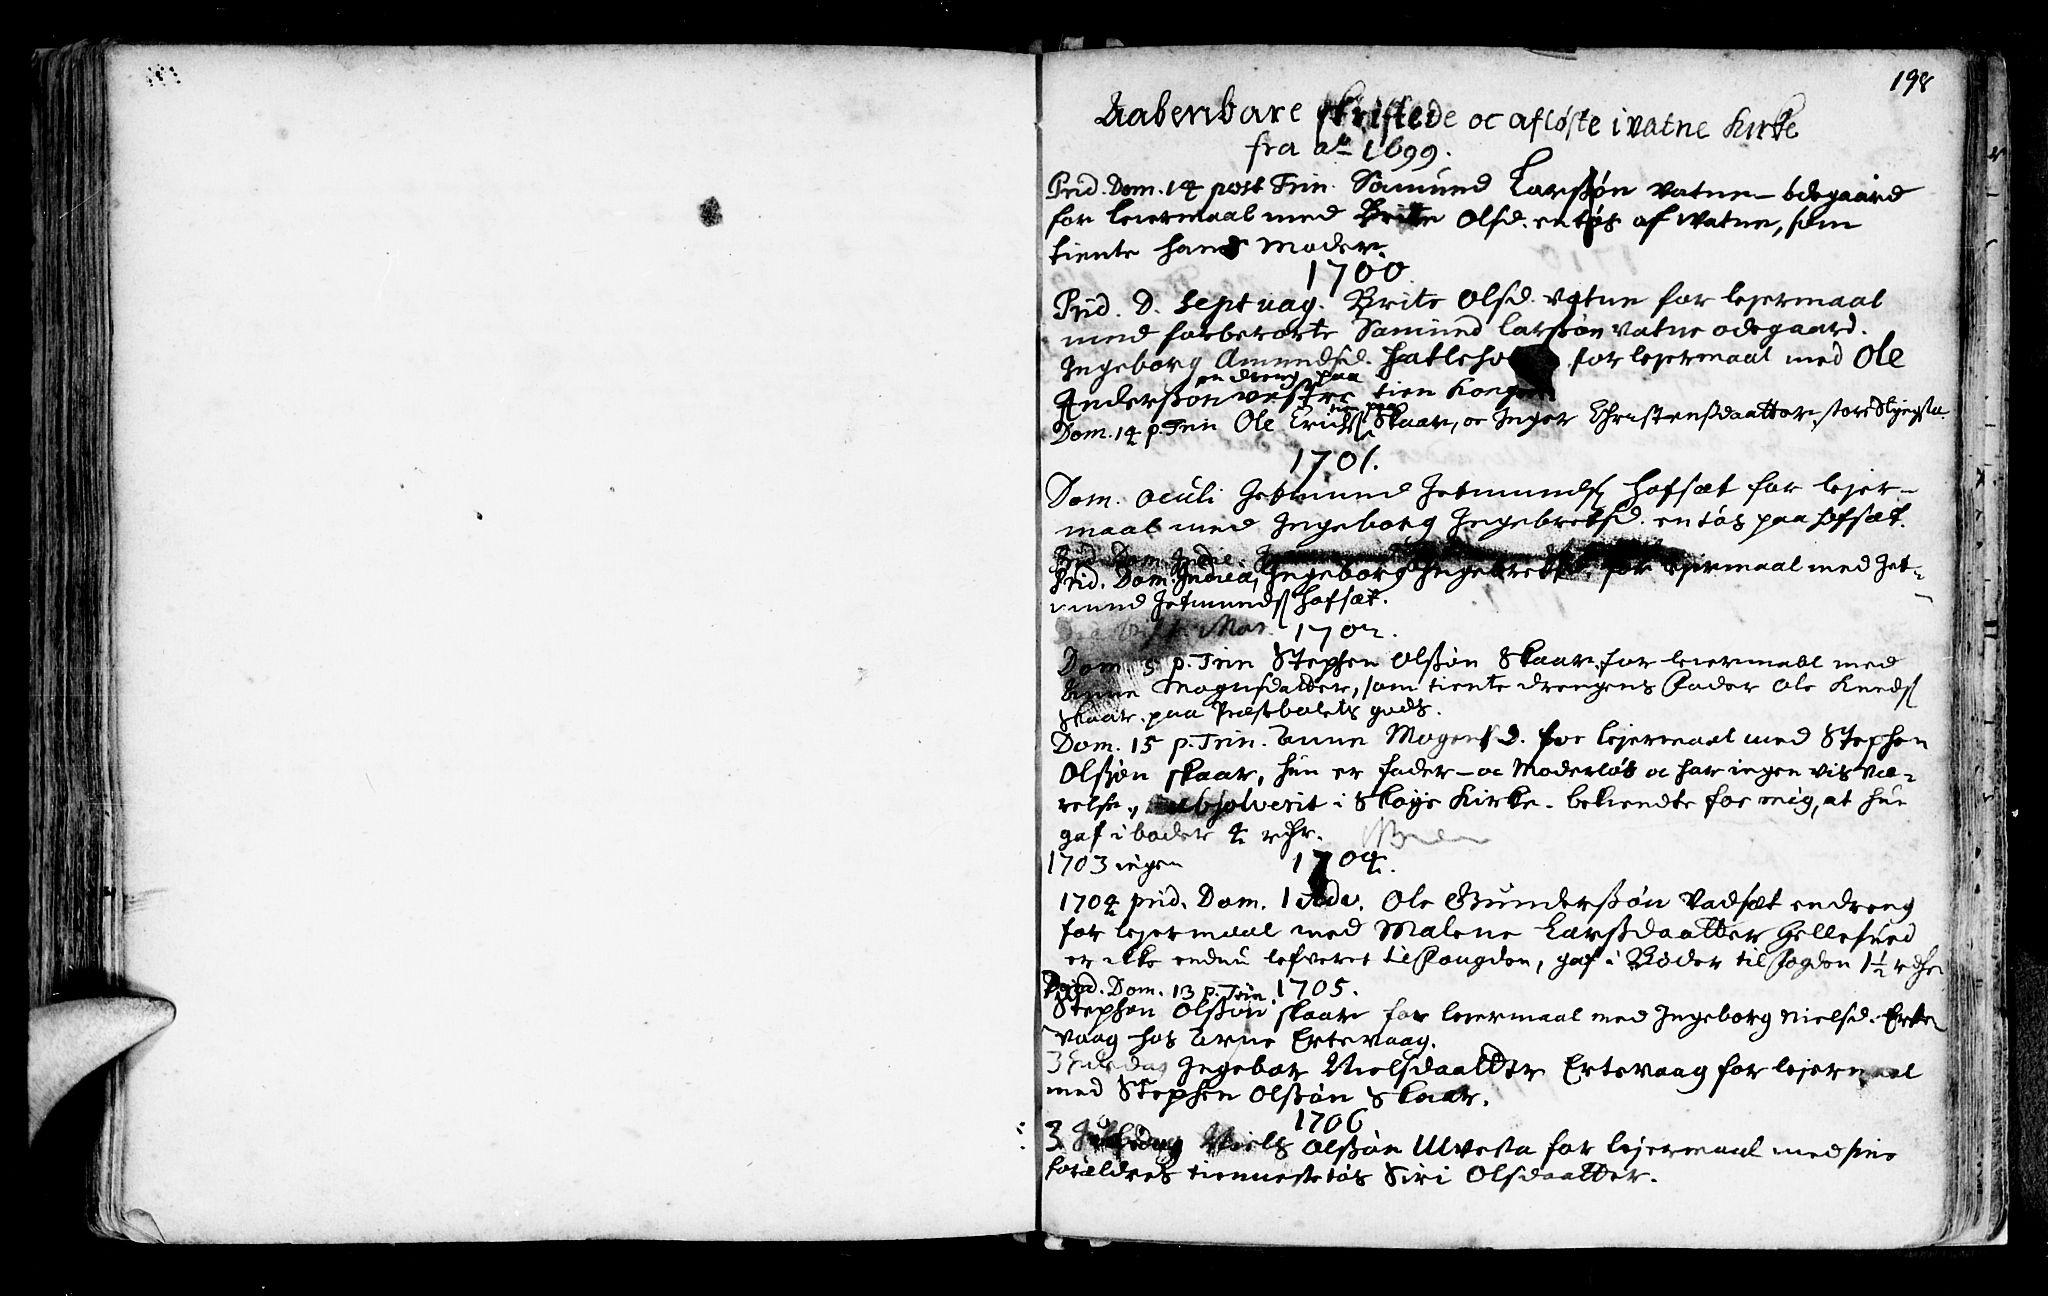 SAT, Ministerialprotokoller, klokkerbøker og fødselsregistre - Møre og Romsdal, 525/L0371: Ministerialbok nr. 525A01, 1699-1777, s. 198